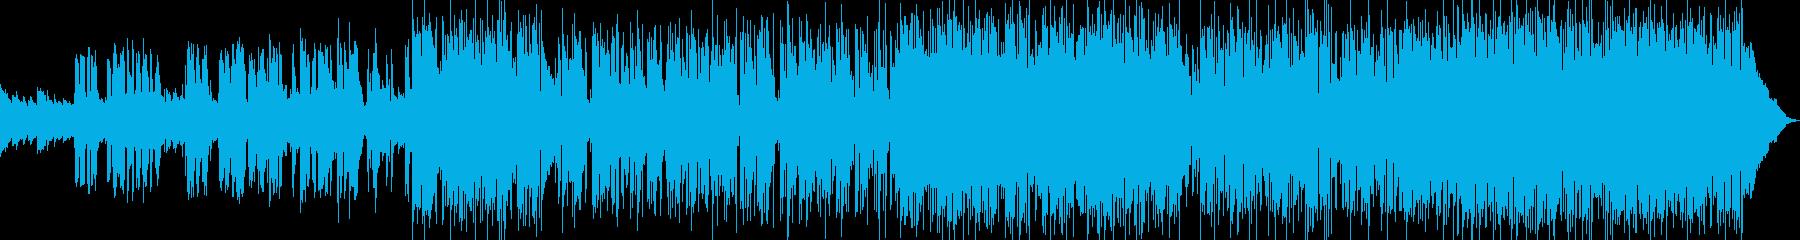 ポップソフトなポップ/ロックの男性...の再生済みの波形